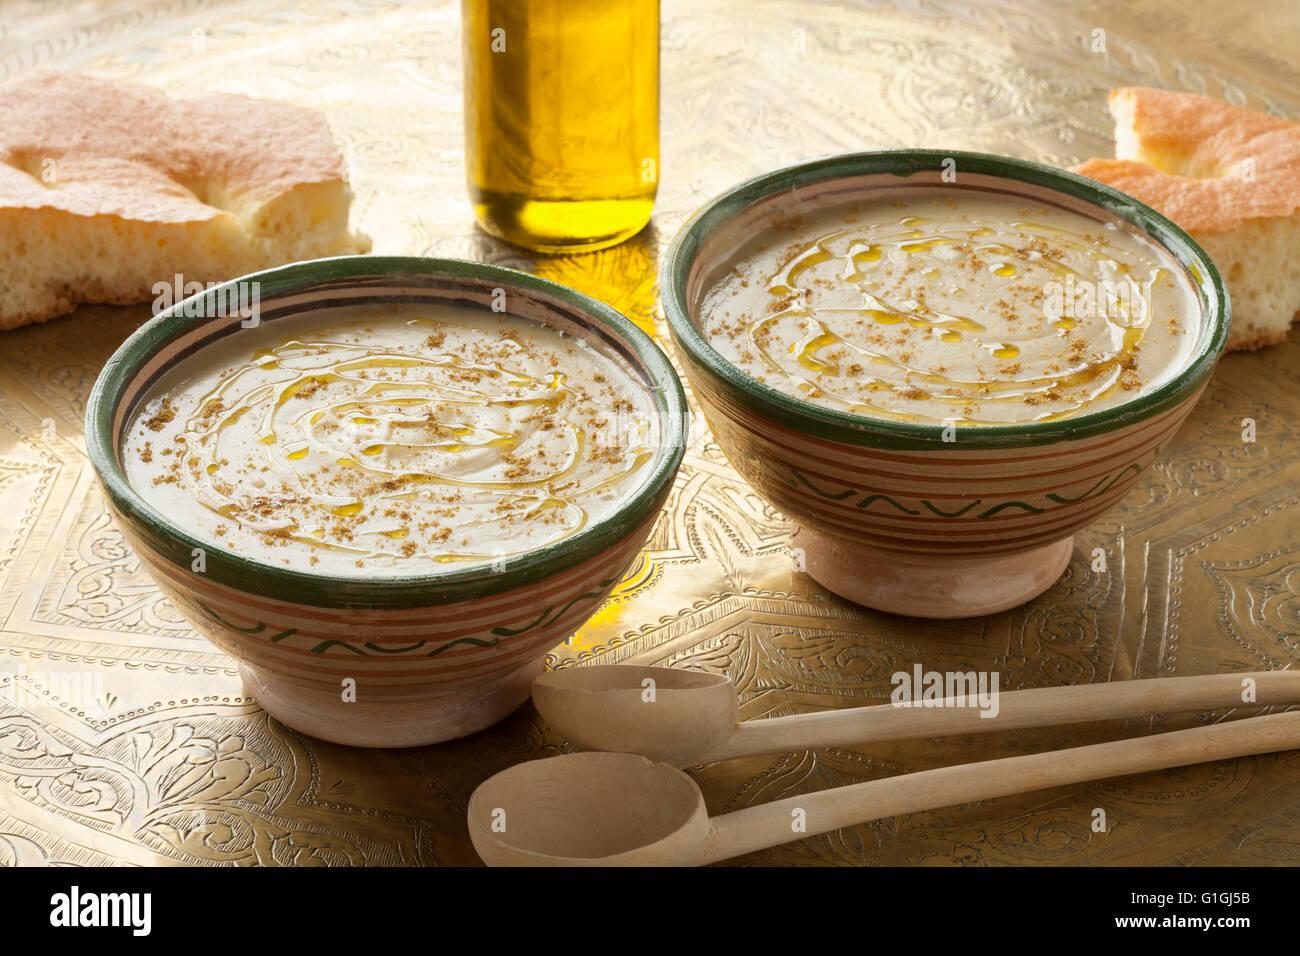 Bocce con marocchino bessara zuppa, olio d'oliva e cumino Immagini Stock